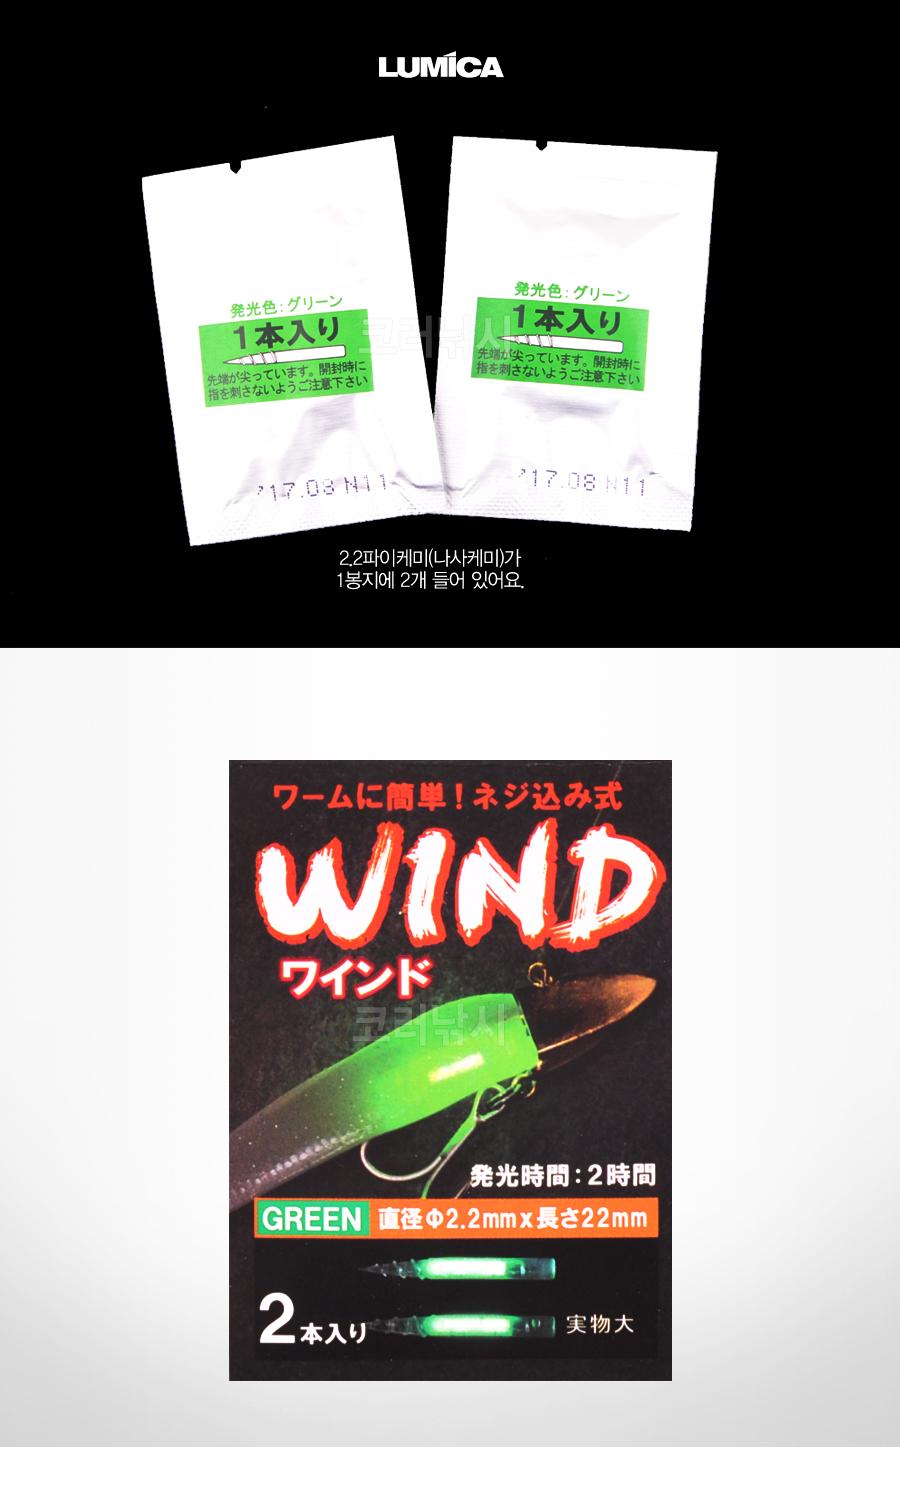 루미카 케미튠 윈드(CHEMITUNE WIND)(웜삽입용케미 2.2mm) 웜용케미 웜삽입케미 2.2파이케미 2.2미리케미 ㄴ사형케미 나사케미